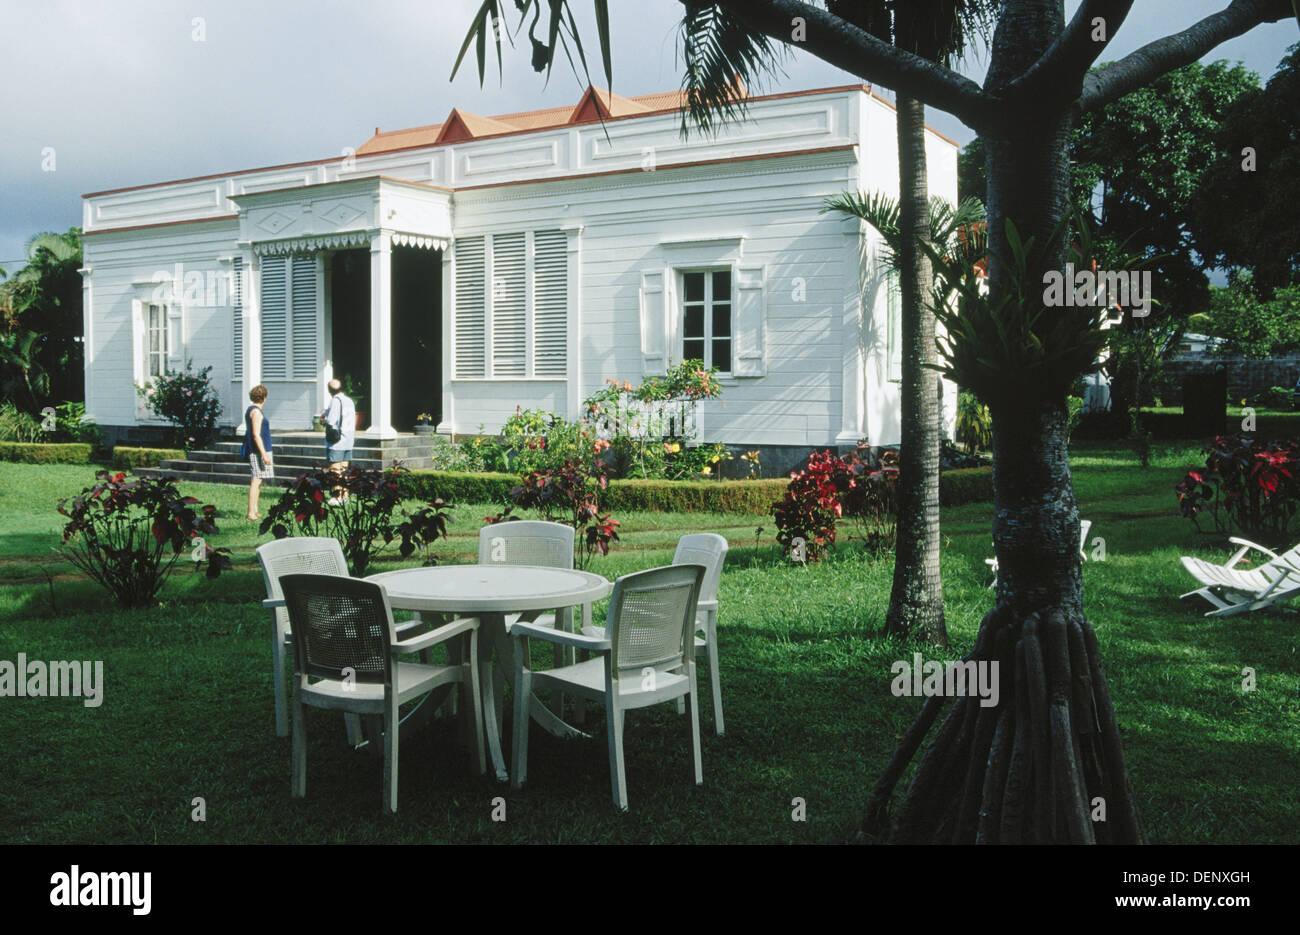 Maison de la vanille in saint andre la reunion island for Andre maurois la maison